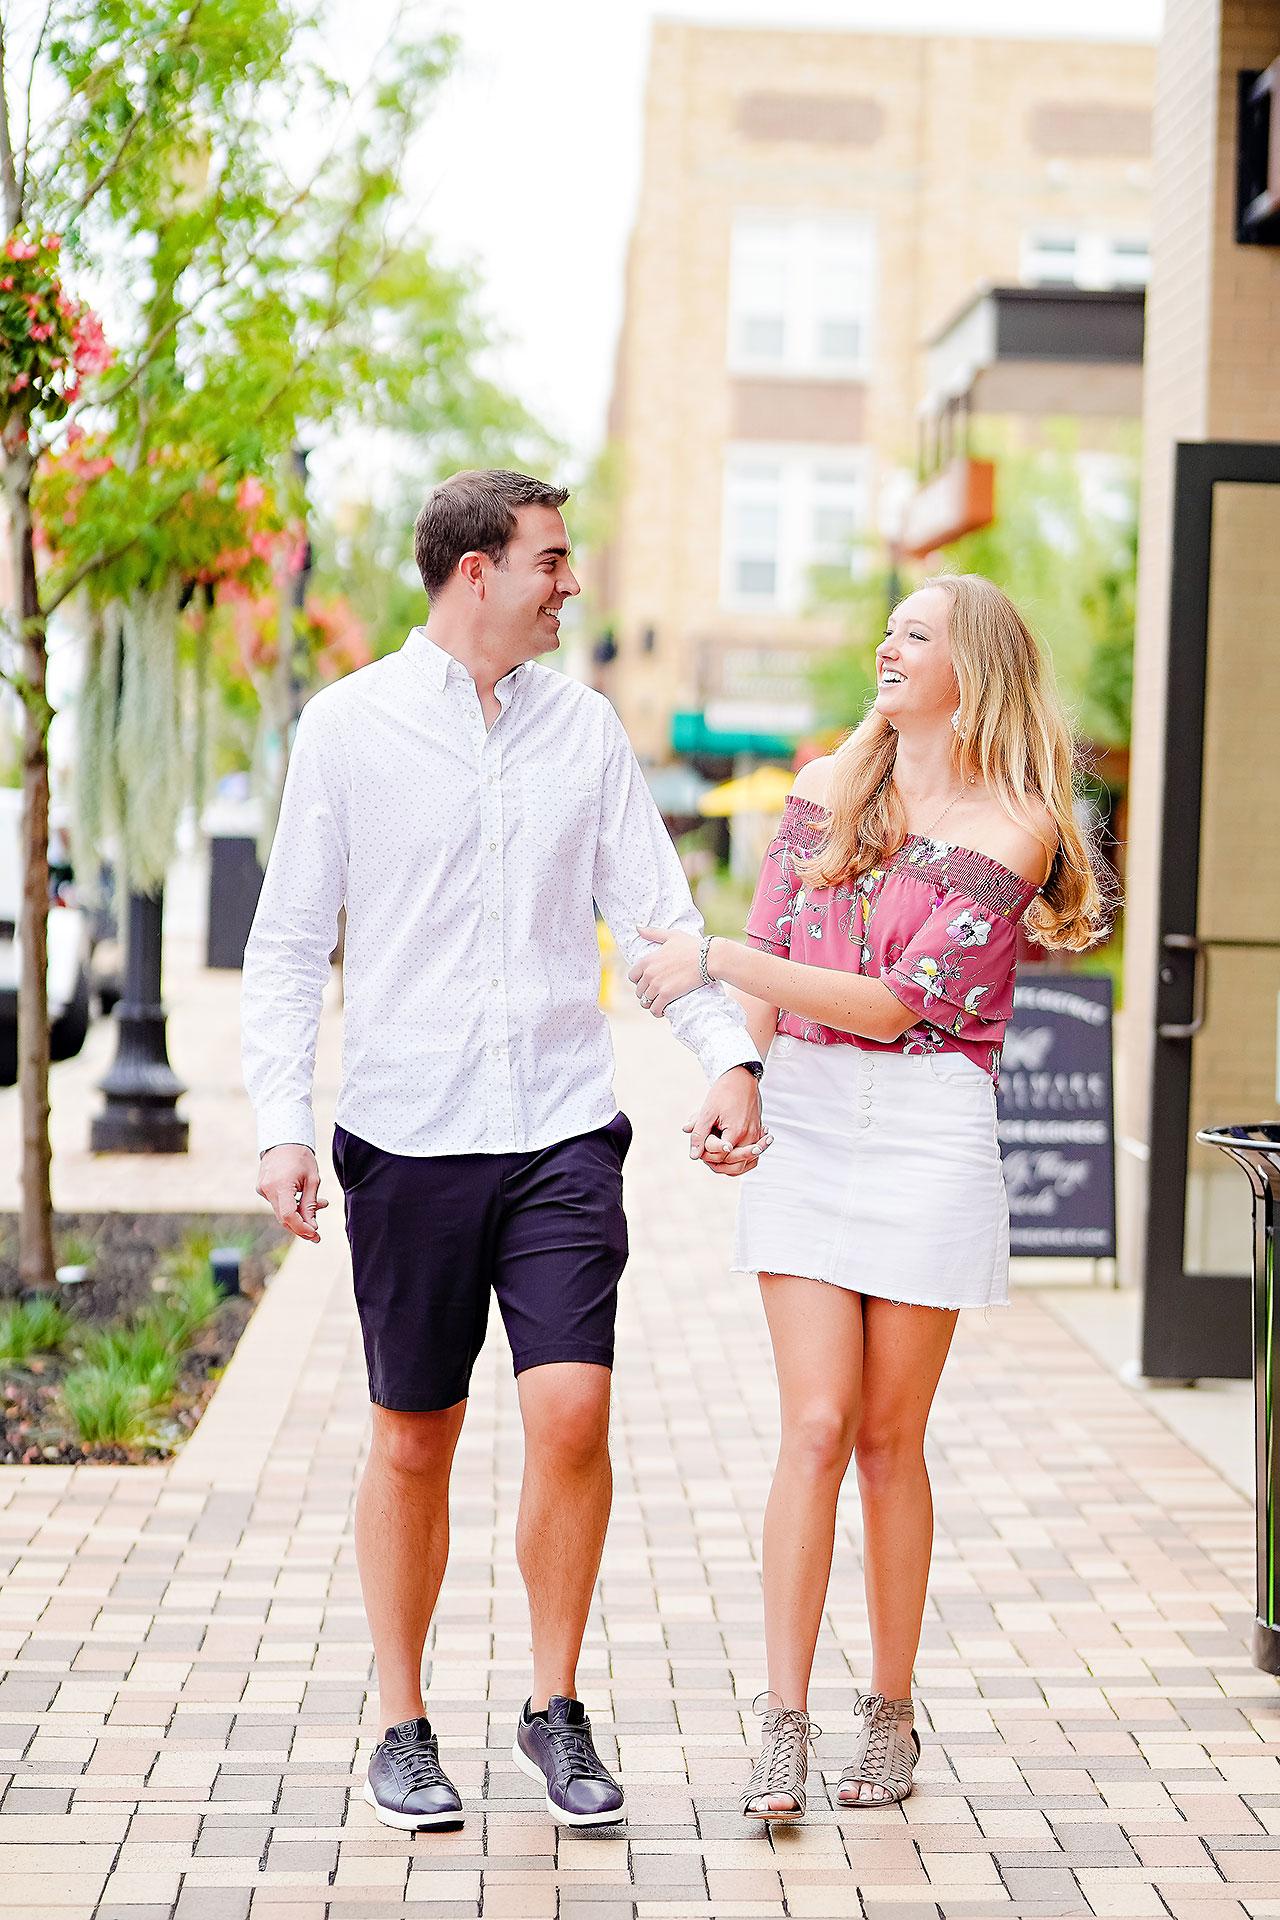 Liz Zach Midtown Carmel Engagement Session 037